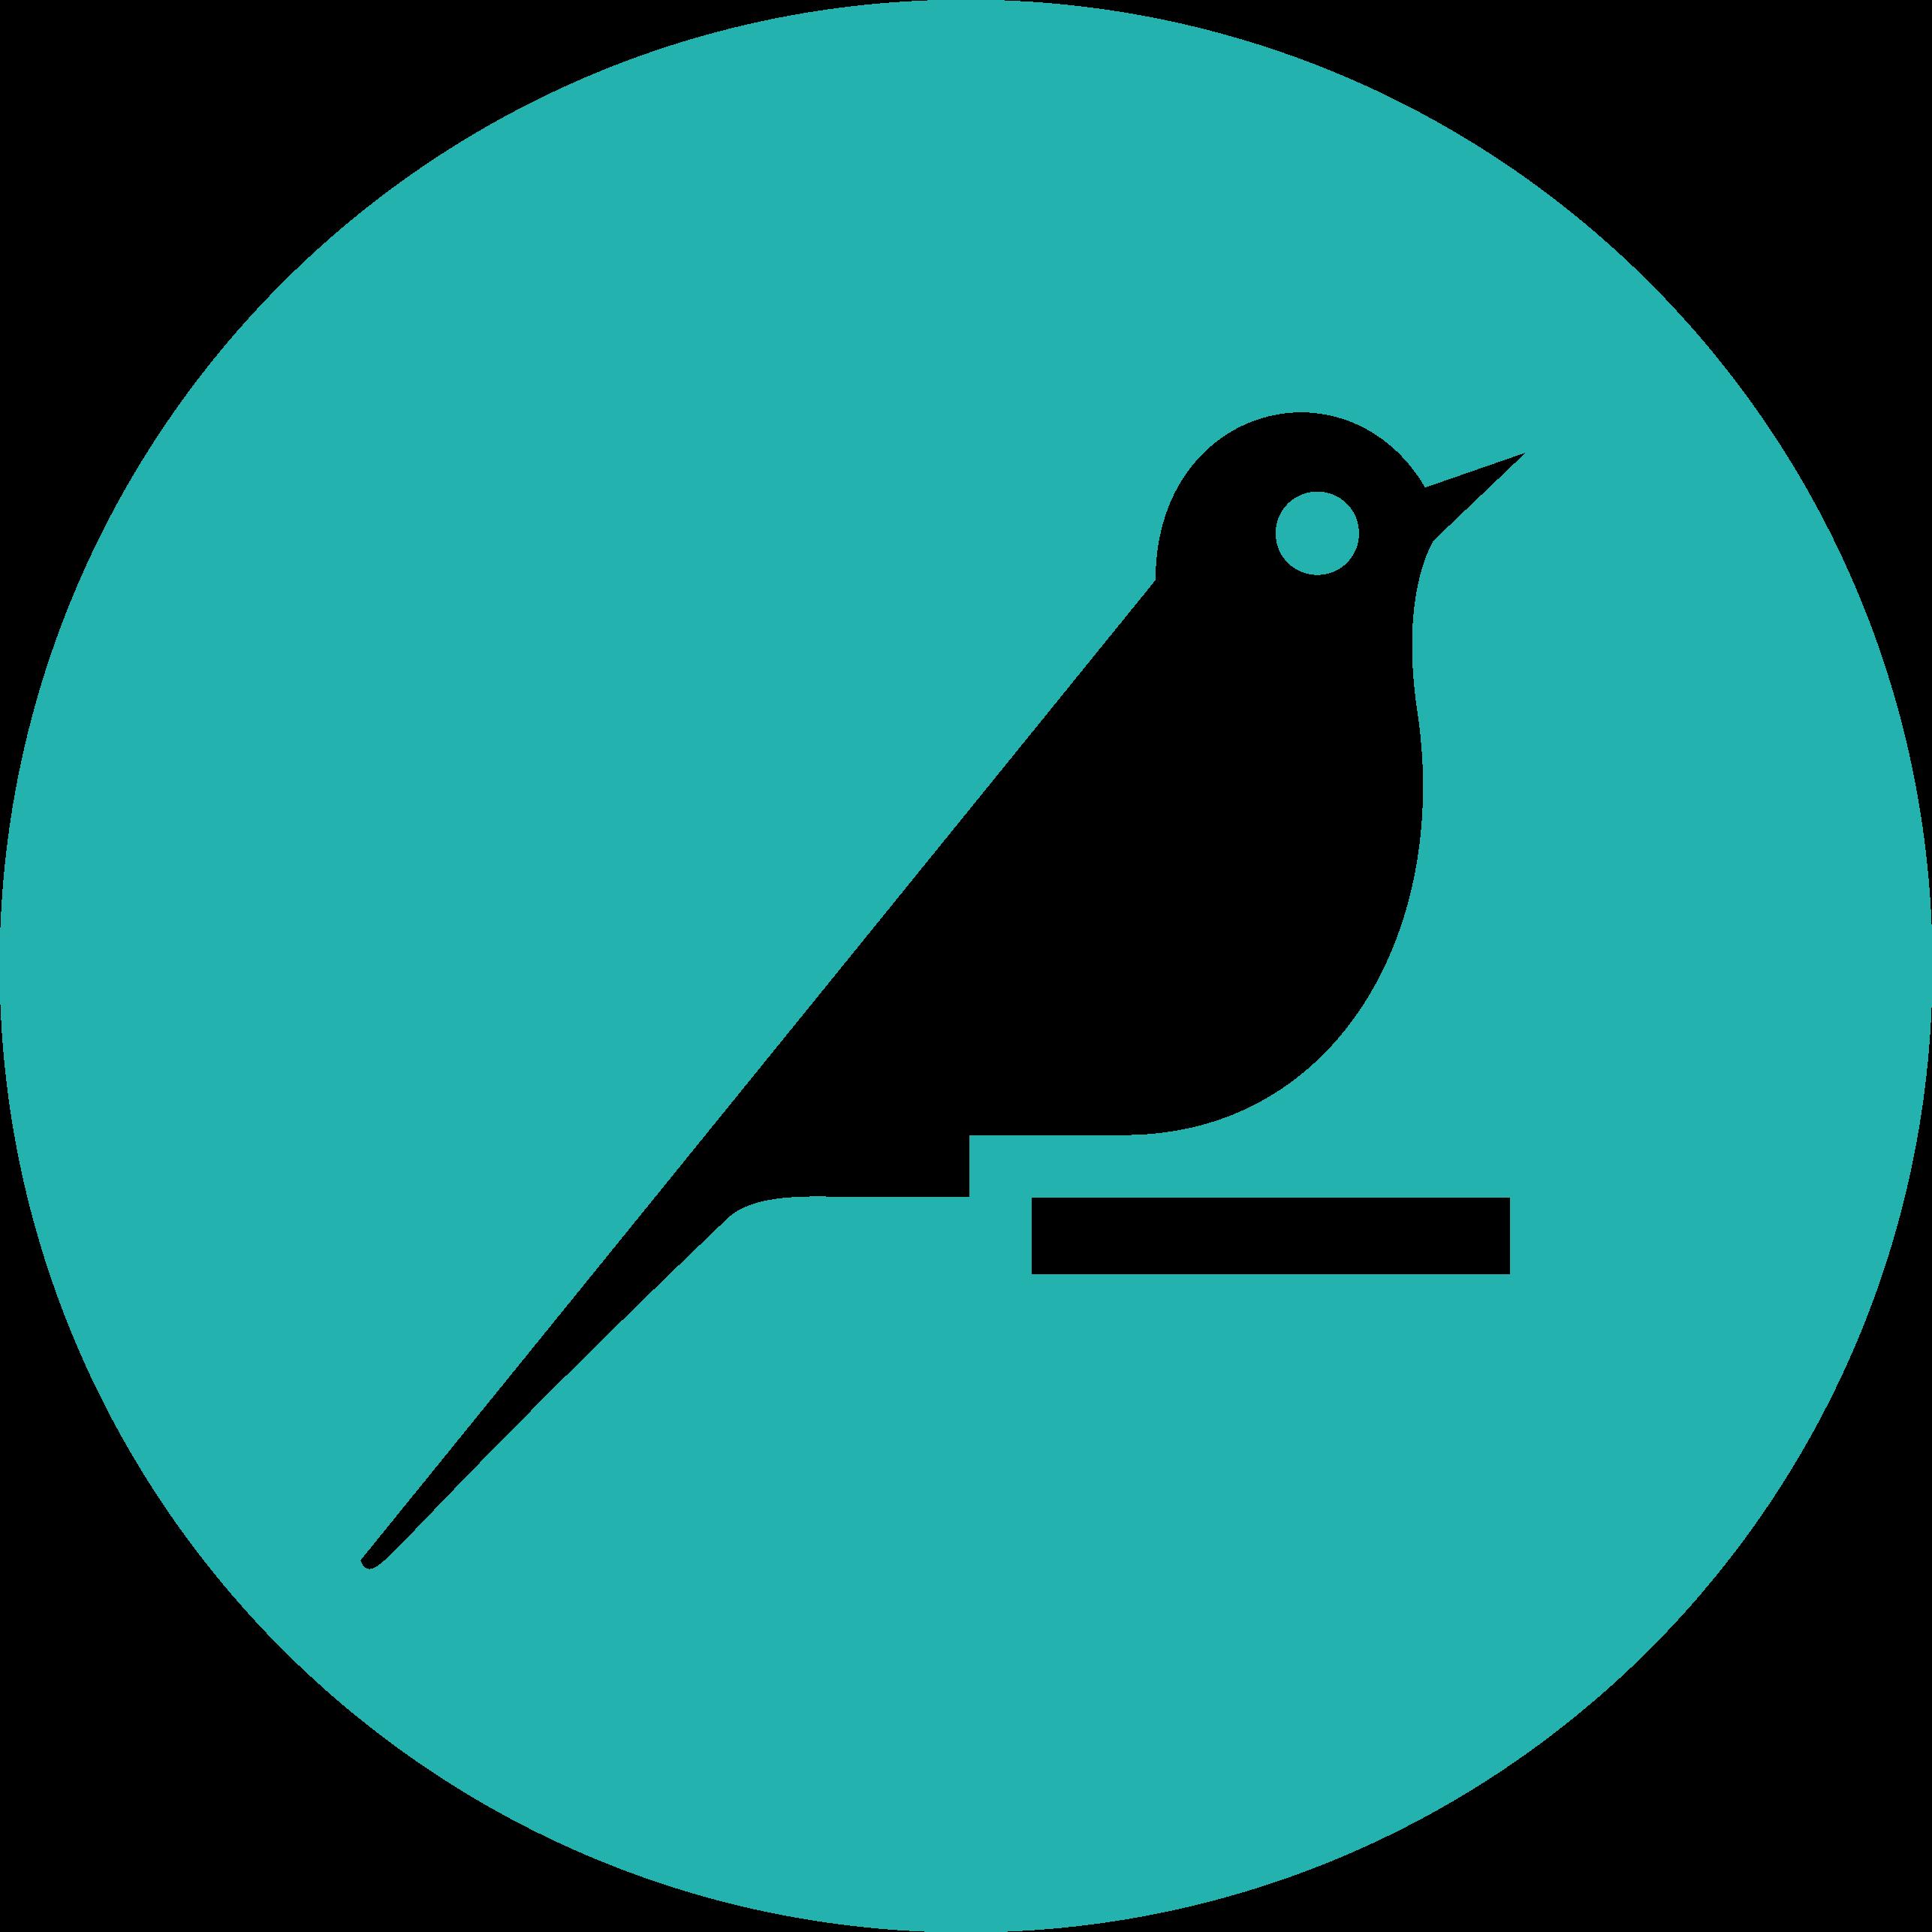 Dataiku logo circle